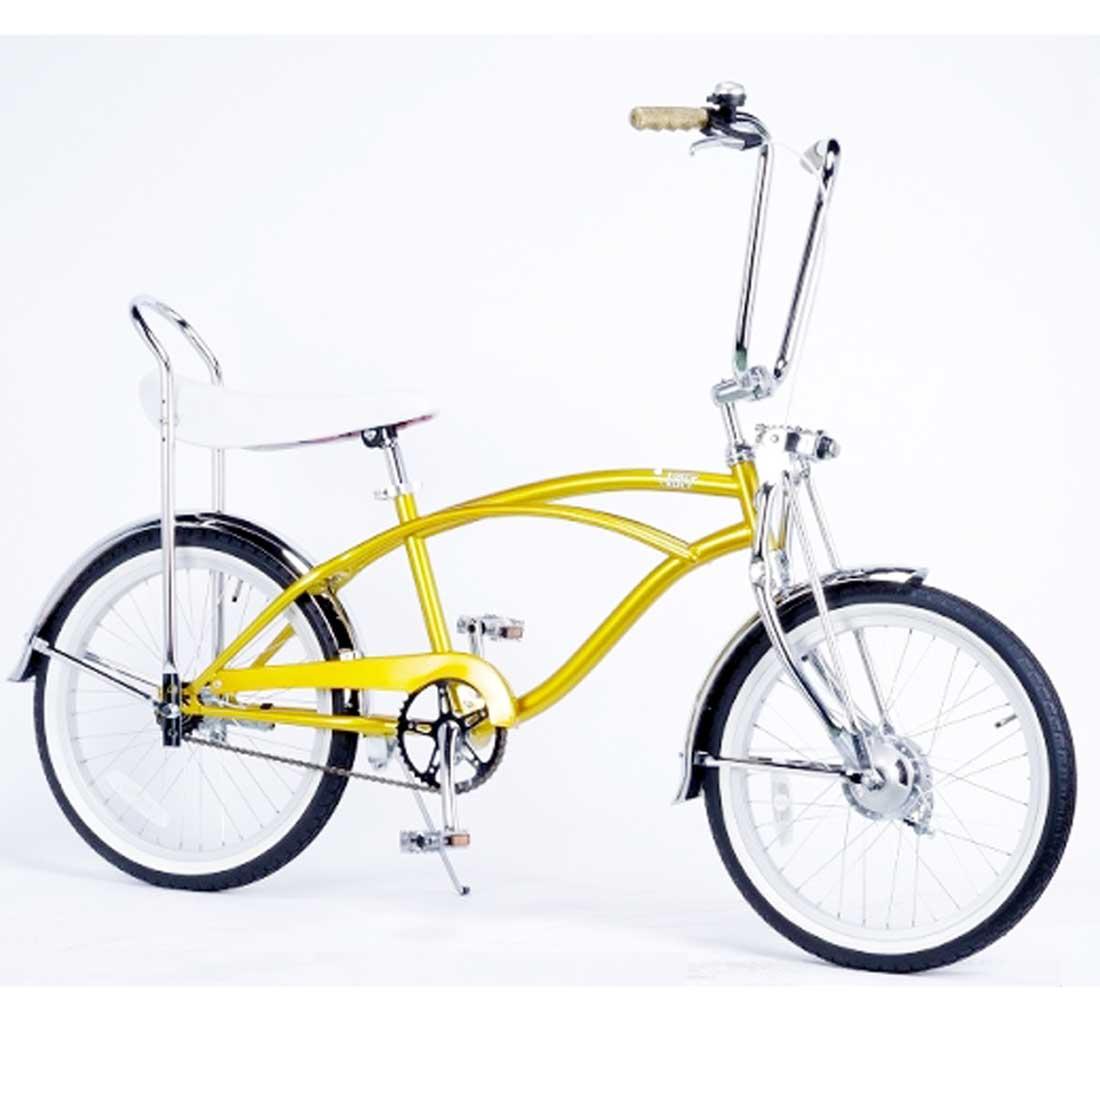 ローライダー 20インチ カスタムバイク おしゃれ 自転車 通勤 通学 レインボービーチクルーザー VOLT LOW-RIDER ゴールド メンズ レディース ジュニア